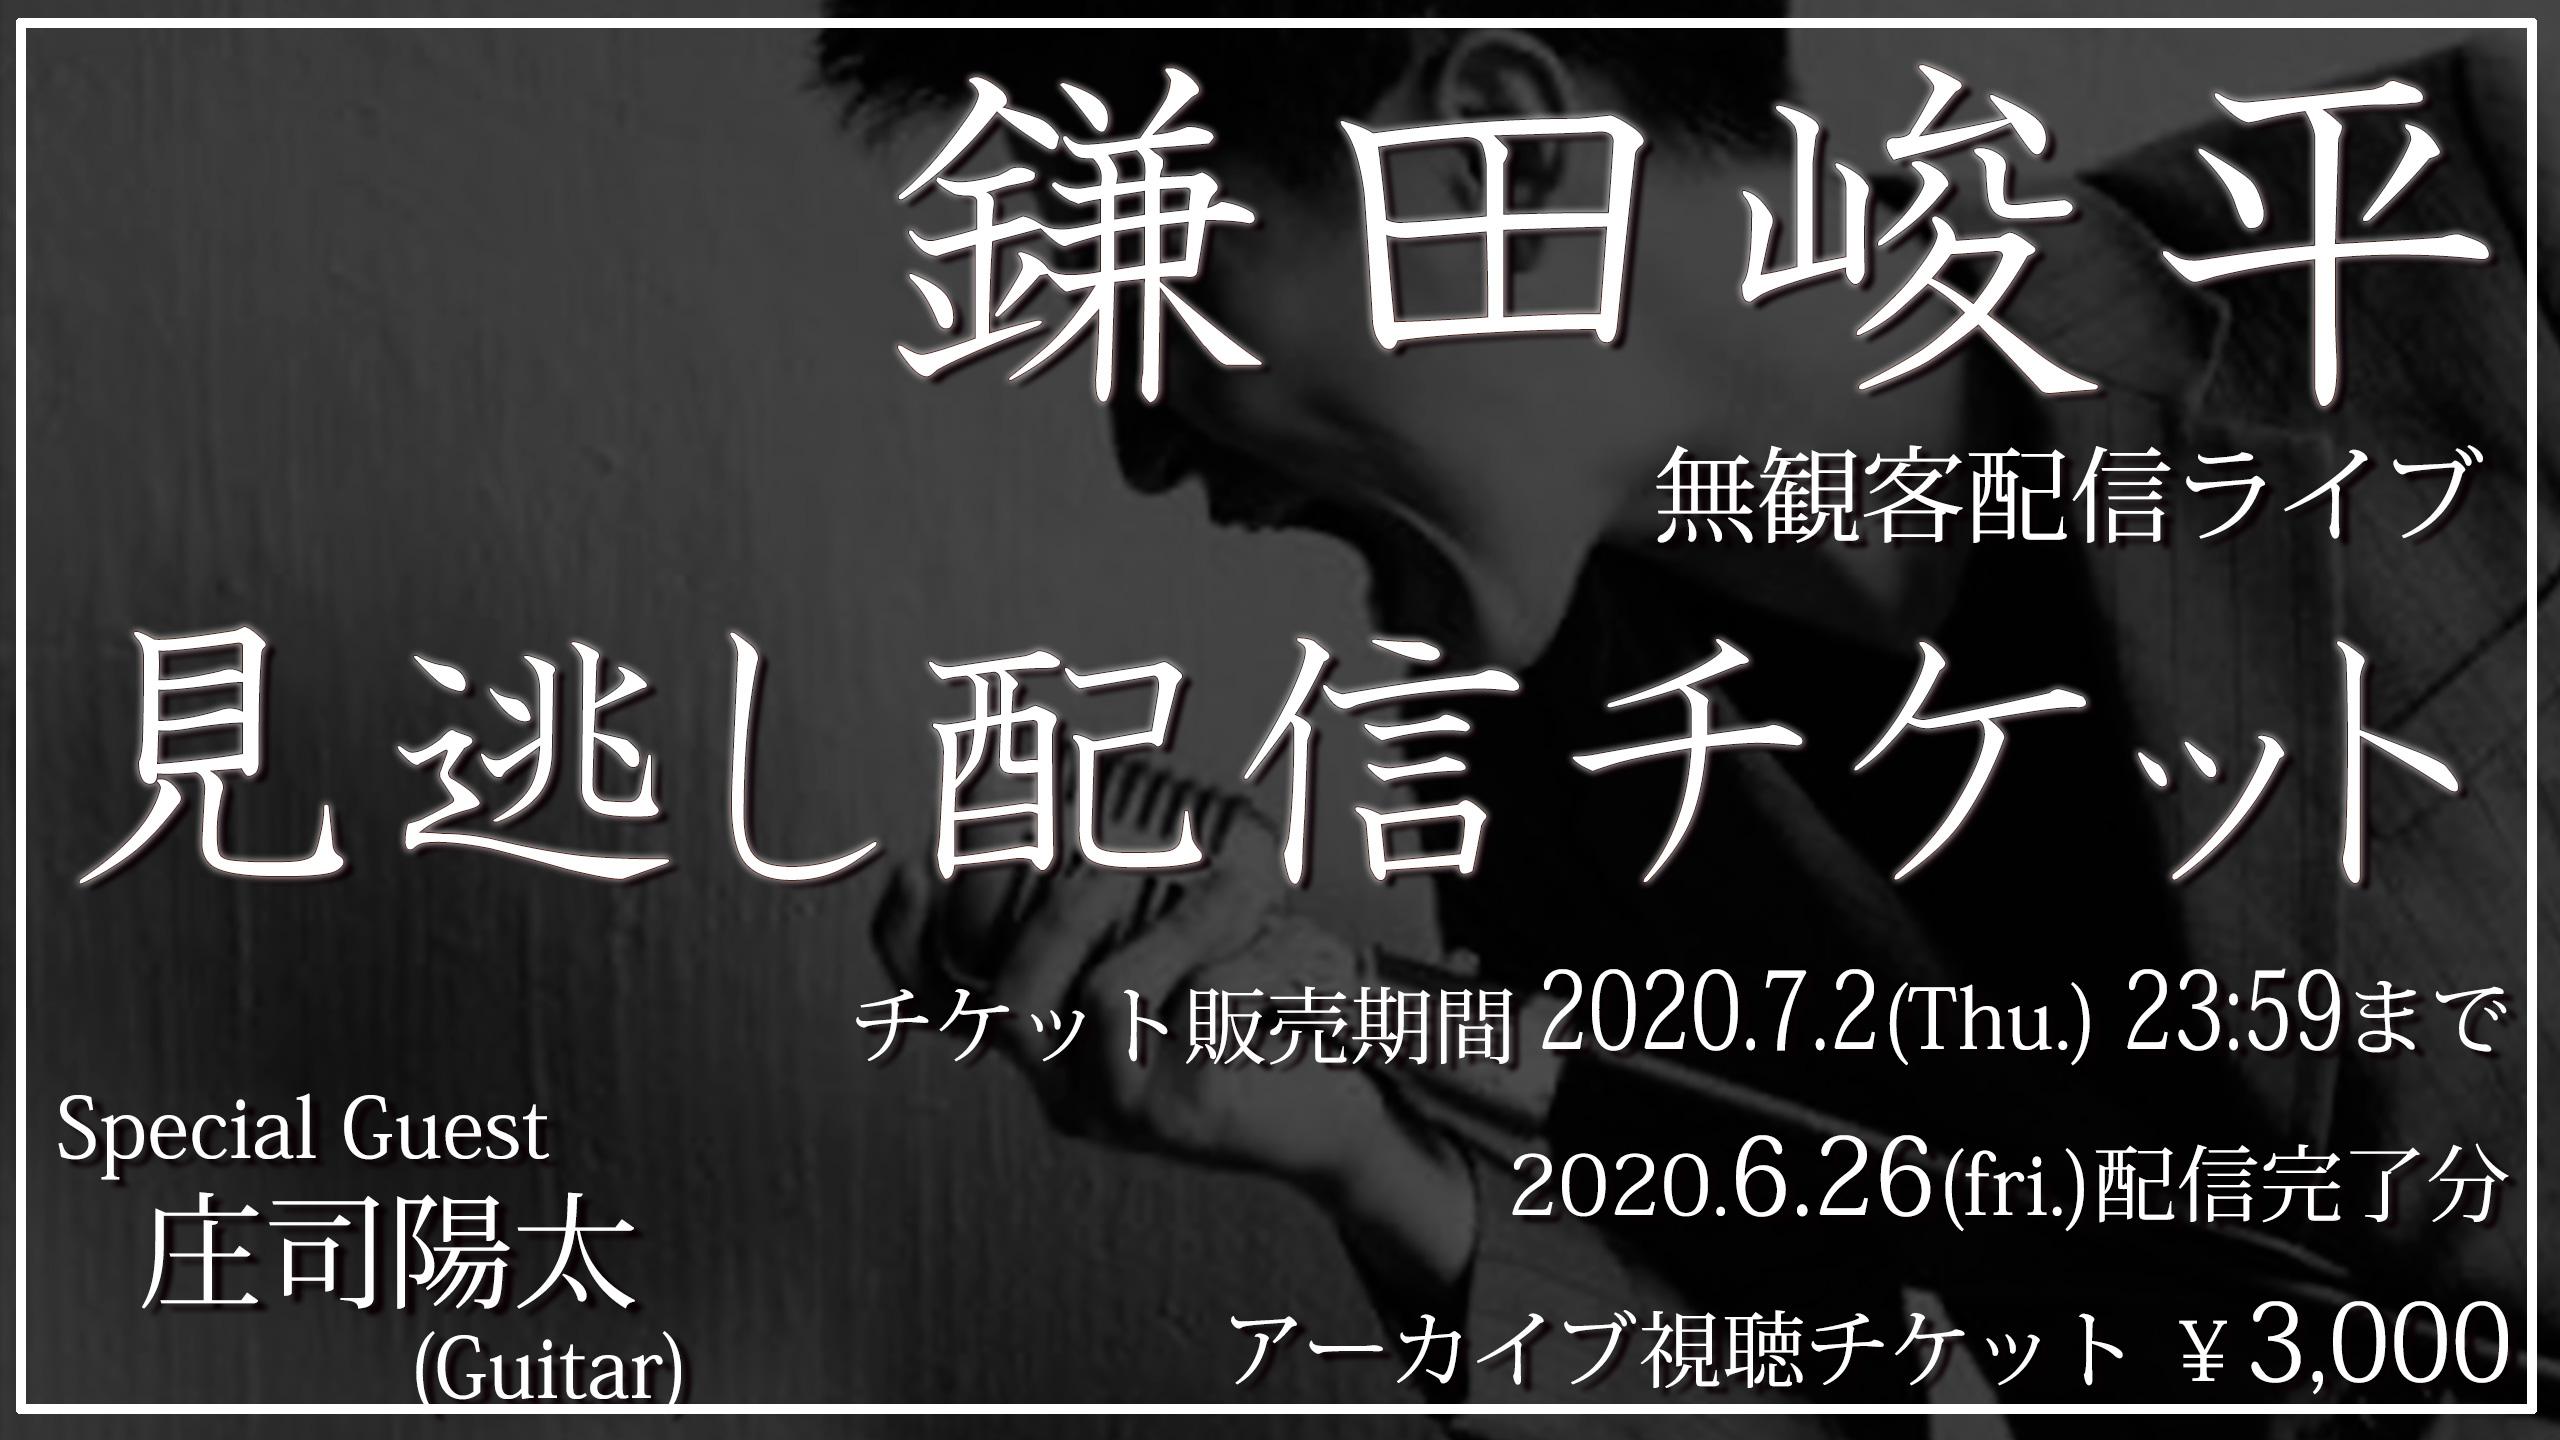 鎌田峻平 無観客見逃し配信アーカイブチケット